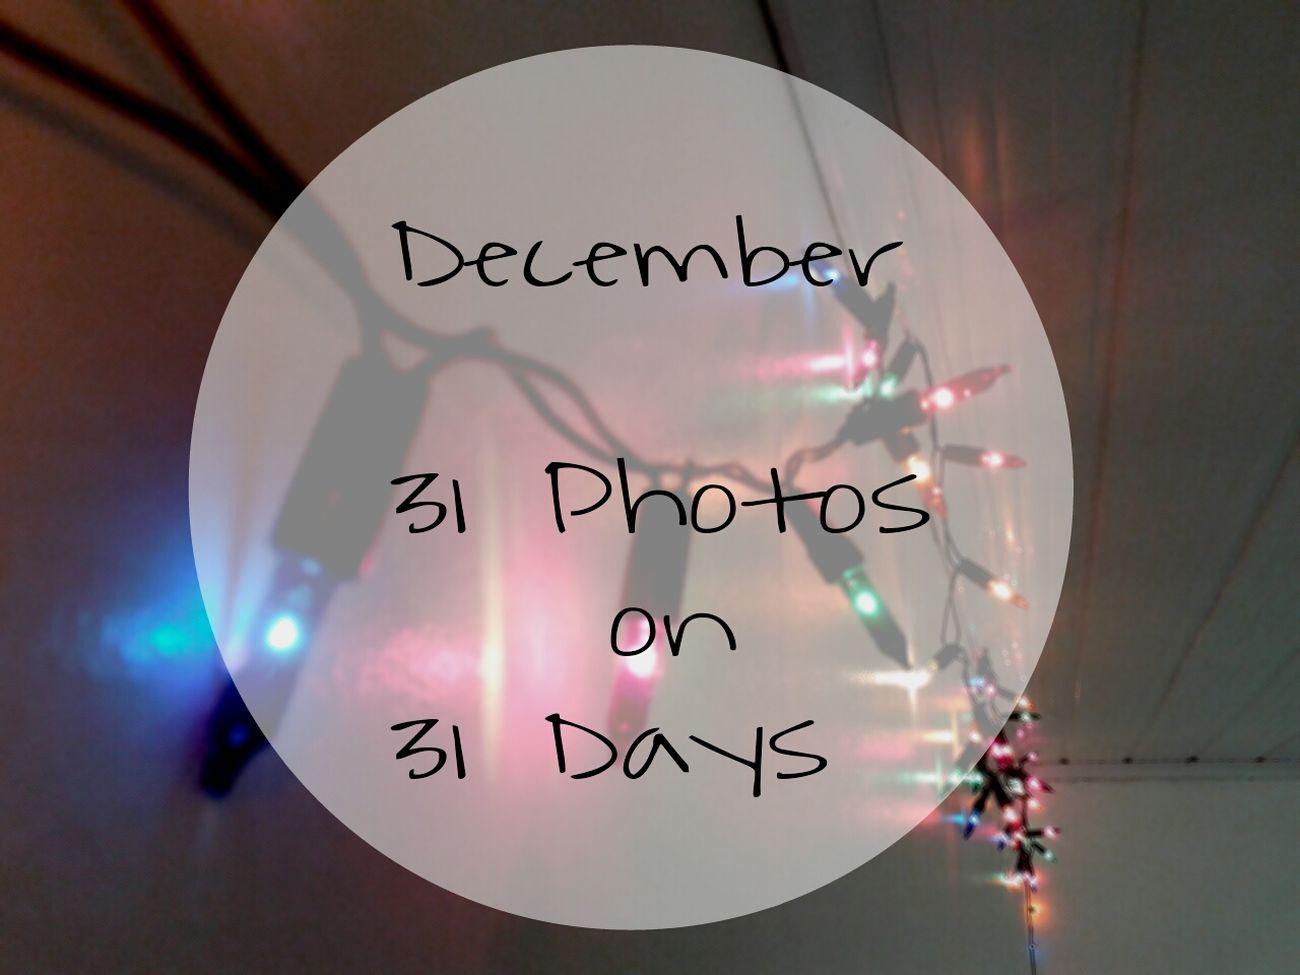 Acabei de criar um novo projeto de fotografia, e consiste em postar 1 foto durante os 31 dias de dezembro... Quem quiser participar também, sinta-se à vontade para seguir esse plano de fotografia também e espero que gostem. E que venha Dezembro! ♥ Beijinhos de luz à todos os amantes de fotografia ♥ :) Photo Project Taking Photos Hello World 31 On December